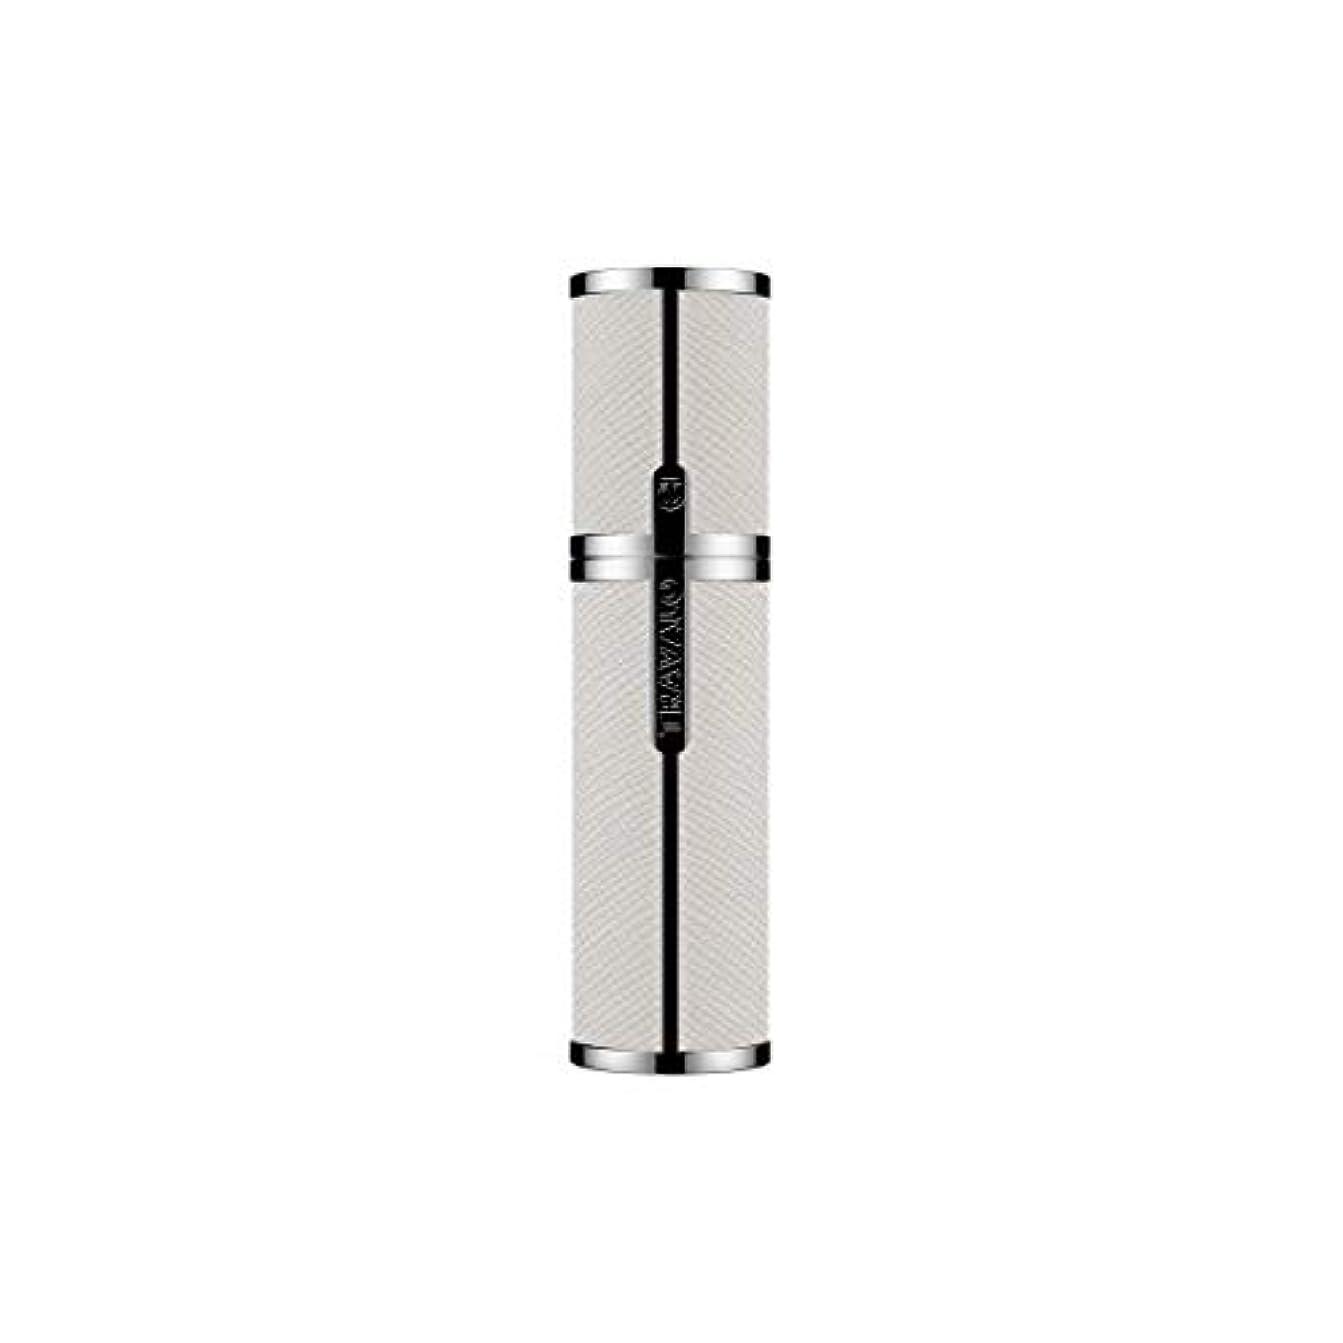 鉛筆消毒する率直なTRAVALO (トラヴァ―ロ) ミラノ アトマイザー ホワイト 香水 旅行 携帯 詰め替え ボトル 簡単 香水スプレー